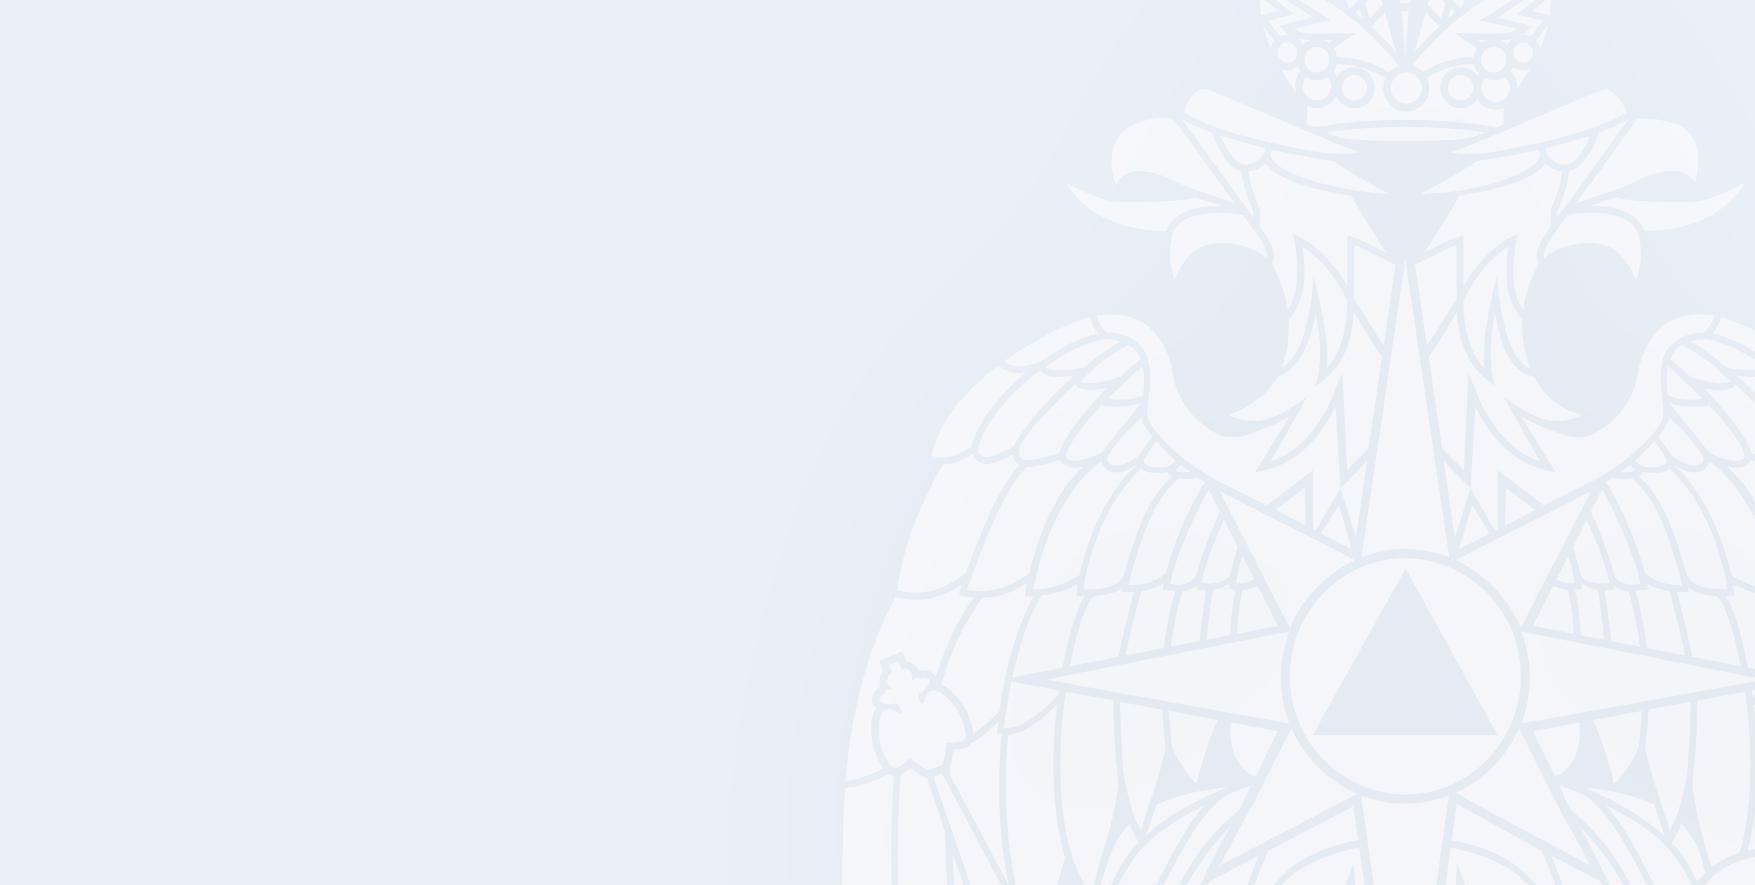 Пожарно-спасательные подразделения МЧС России выехали на ДТП в Иглинский район Республики Башкортостан